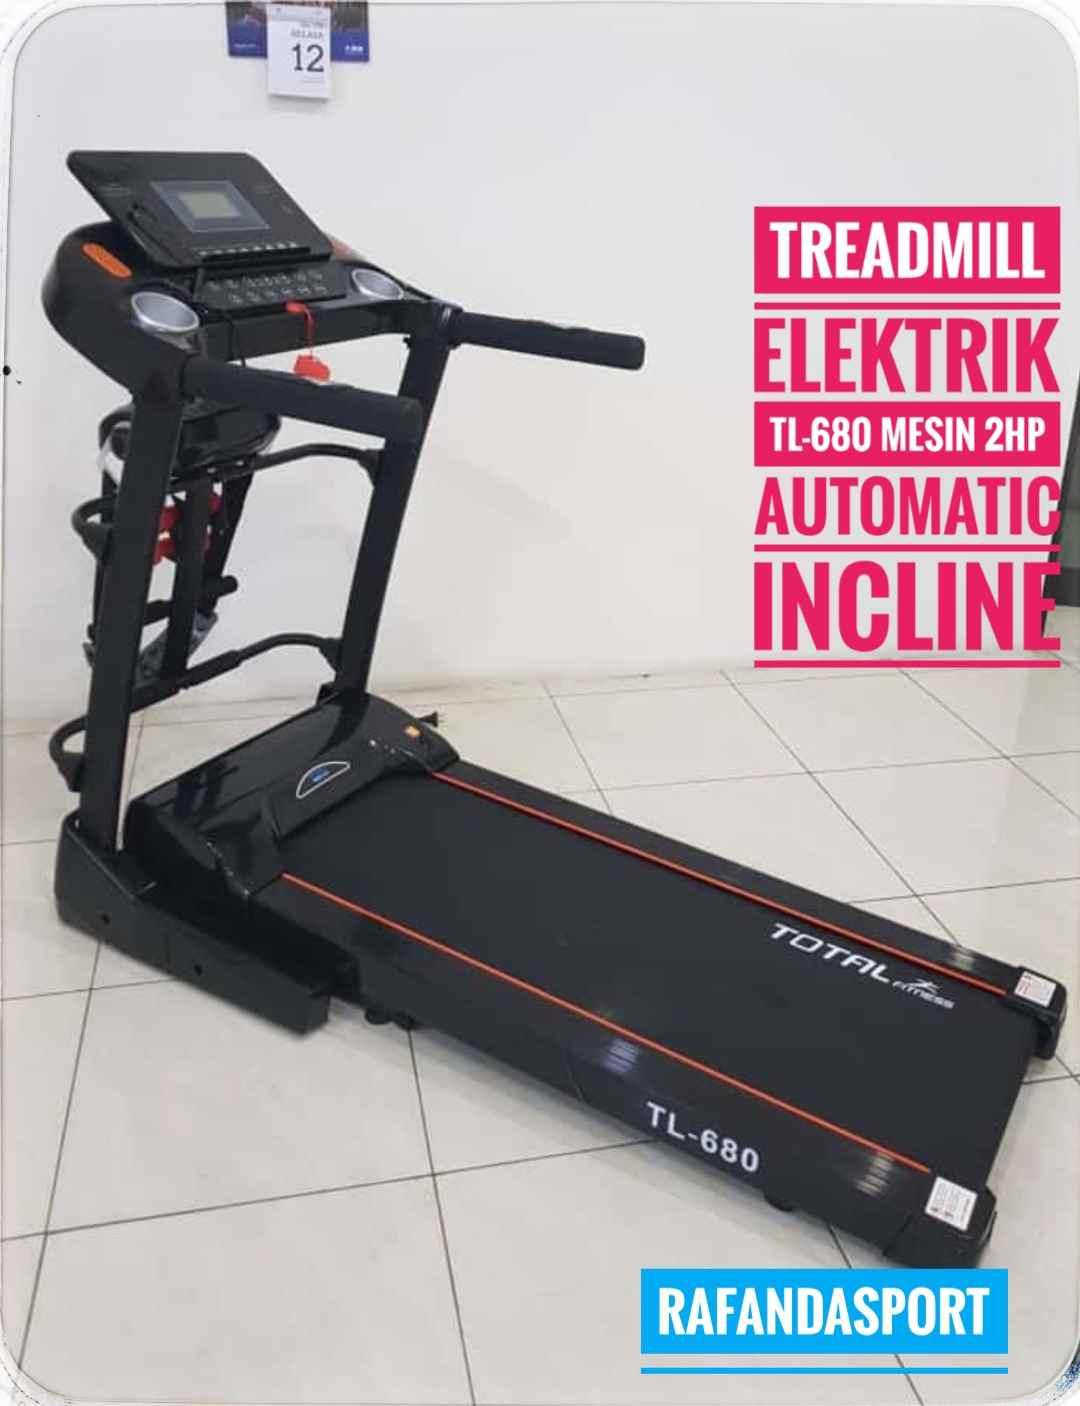 Treadmillelektrik-3in1-tl680-totalfitness